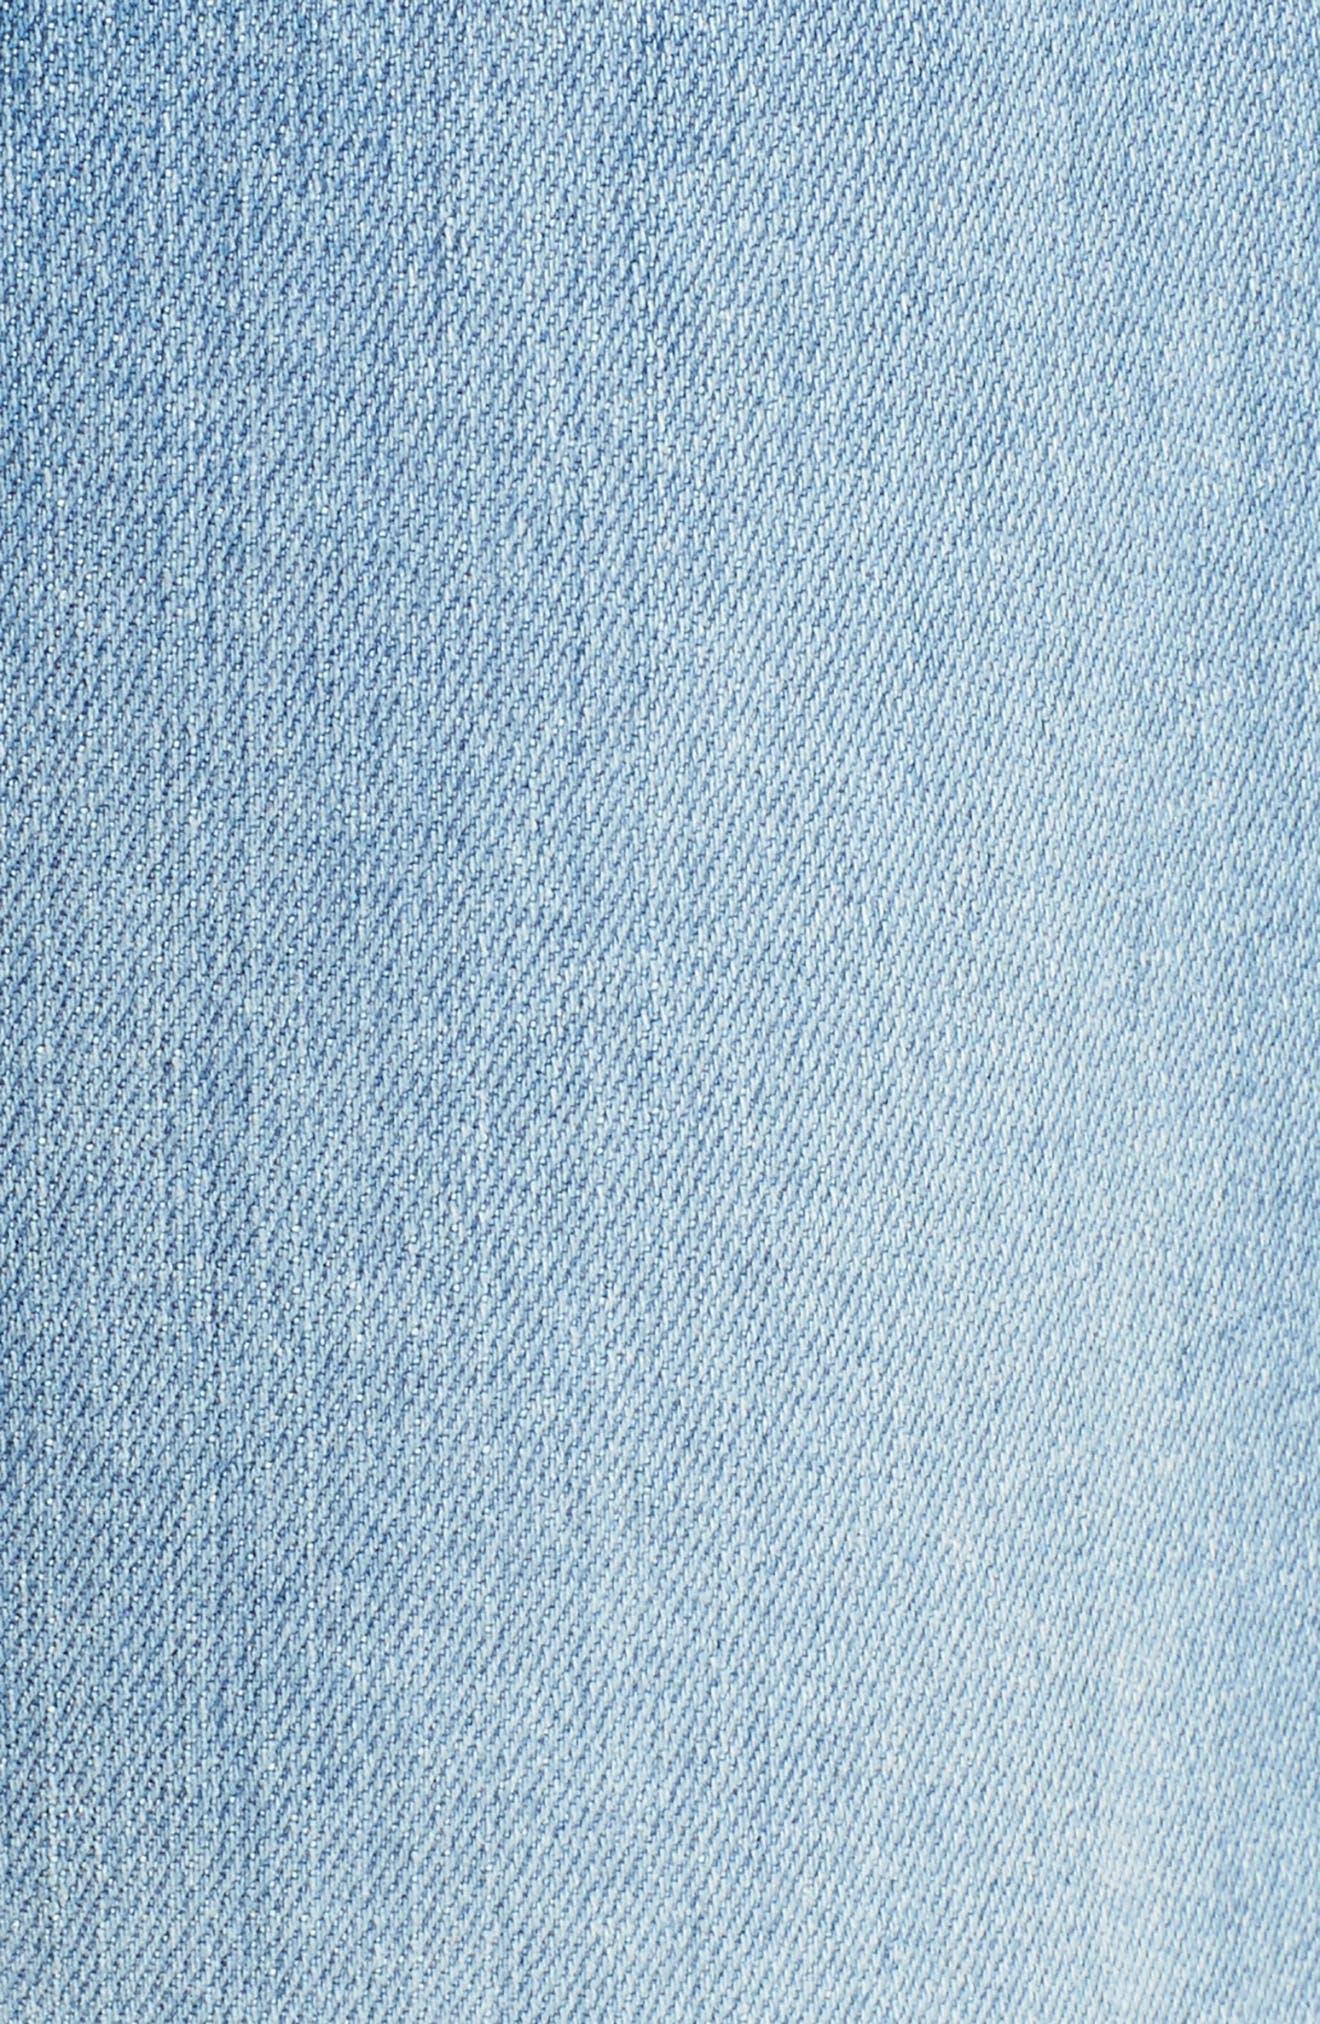 Josefina High Waist Crop Boyfriend Jeans,                             Alternate thumbnail 5, color,                             400